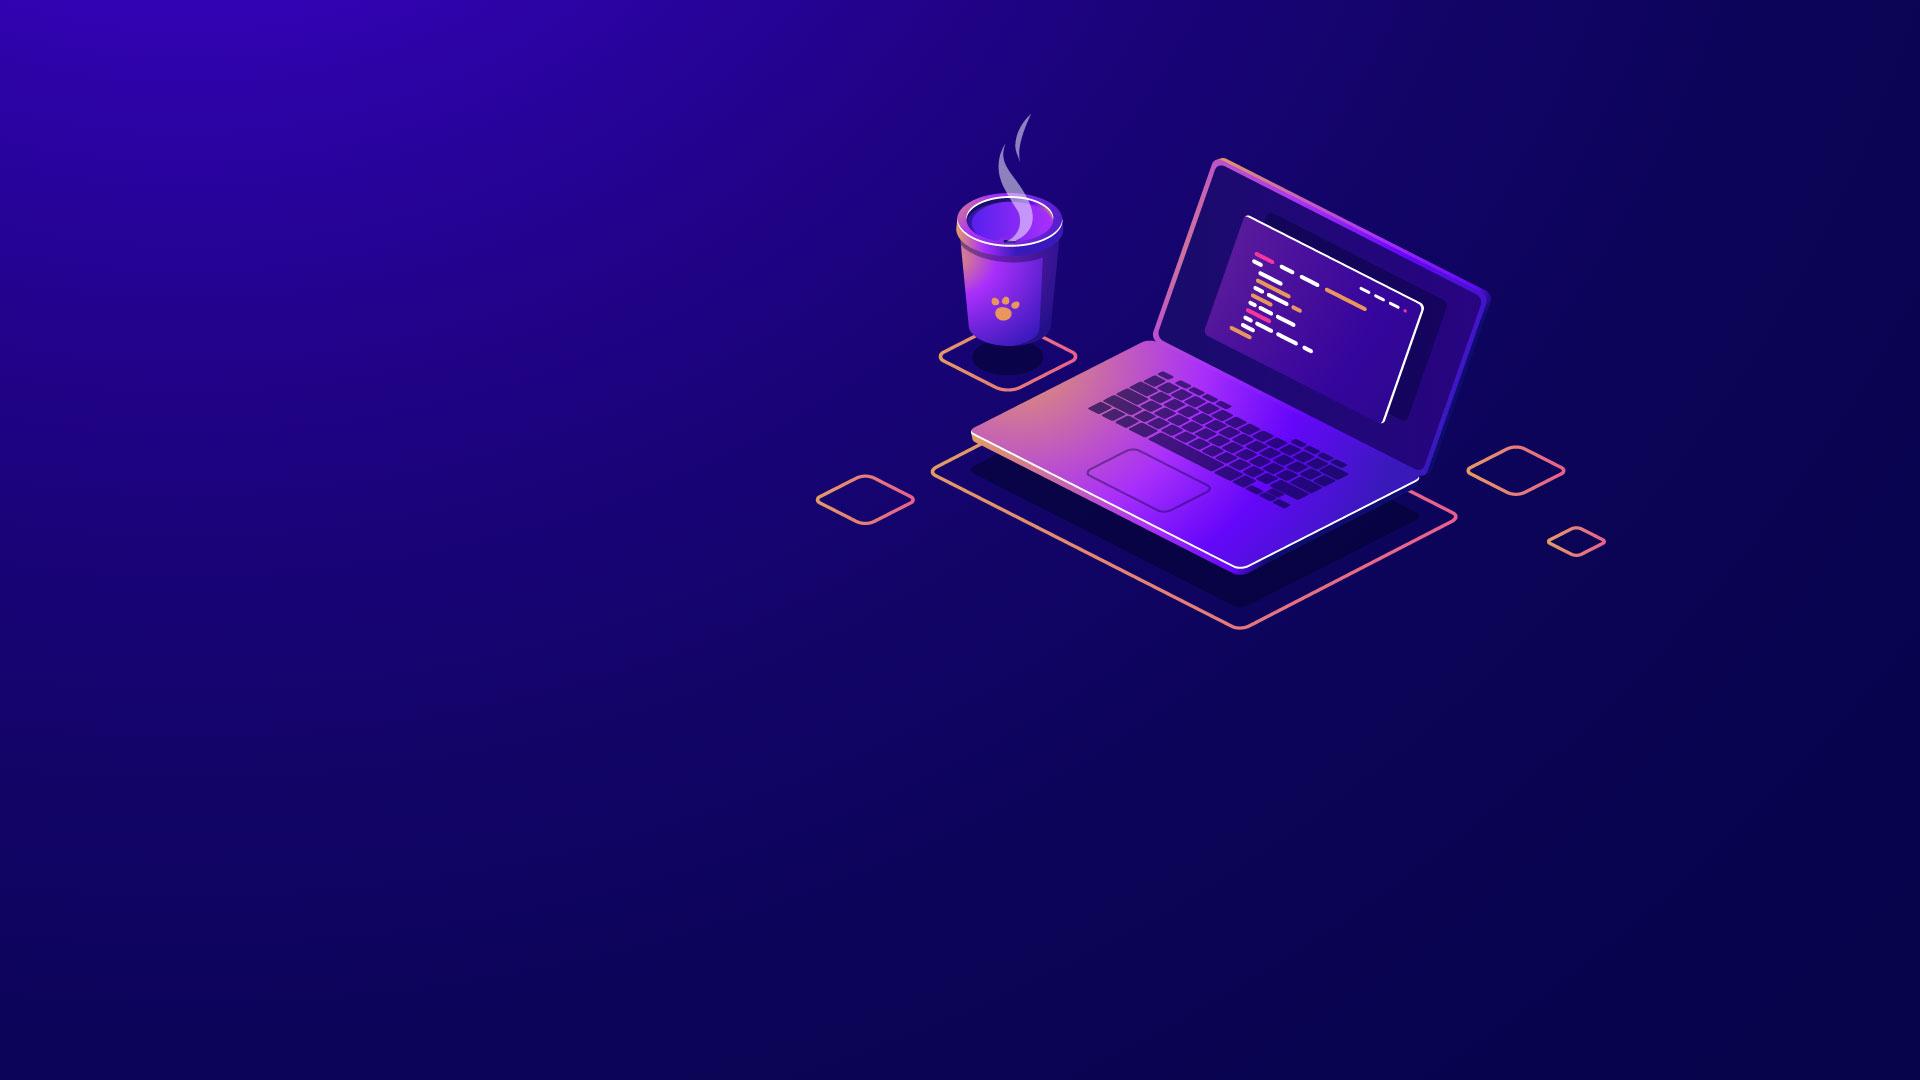 Cómo instalar PHP 7.3 en Ubuntu 18.04